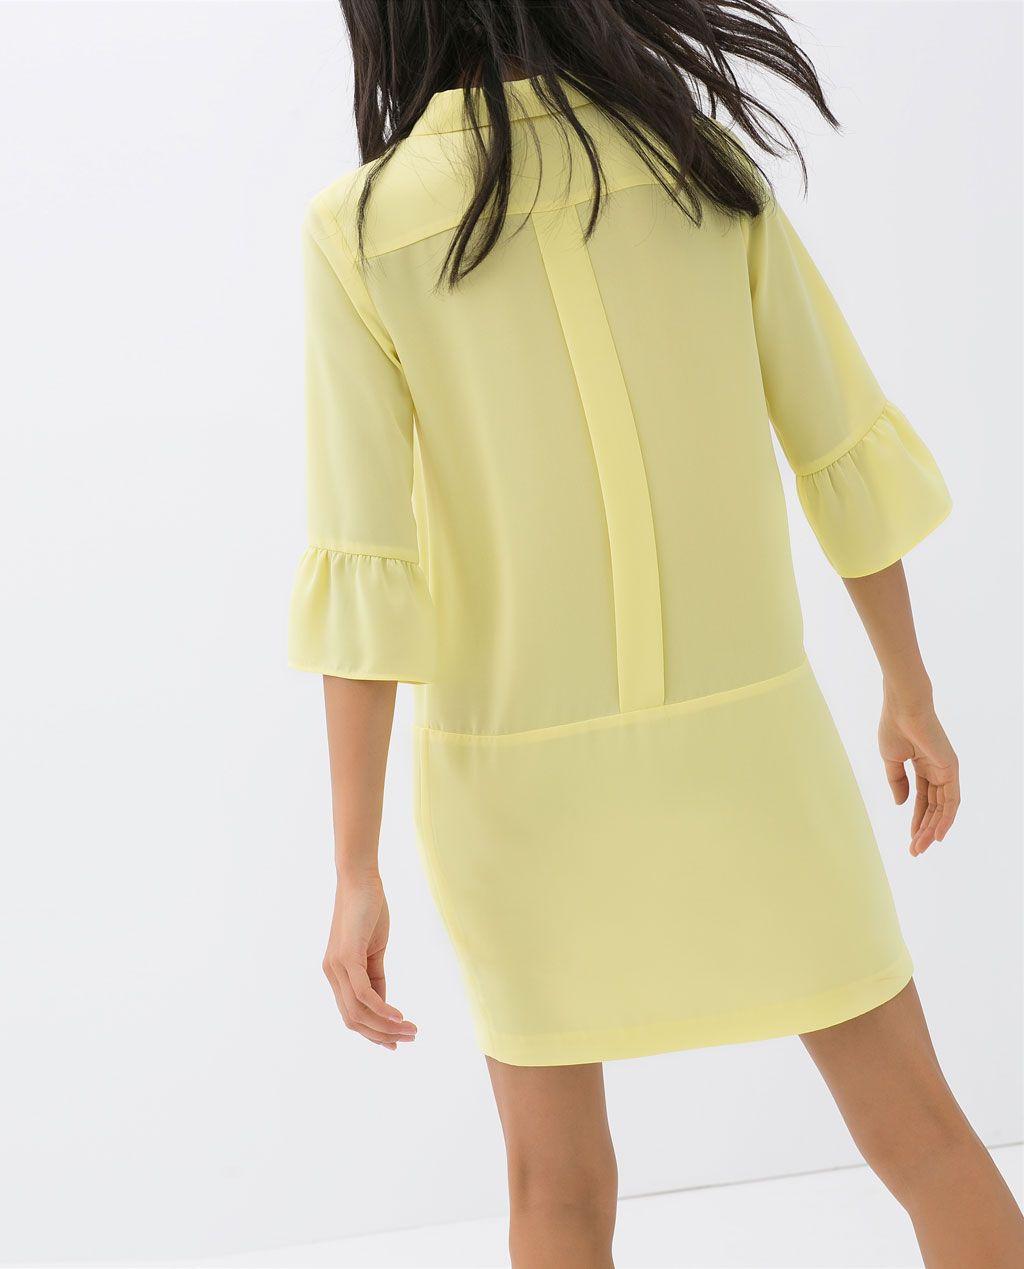 Color de moda para el verano - Vestido ligero